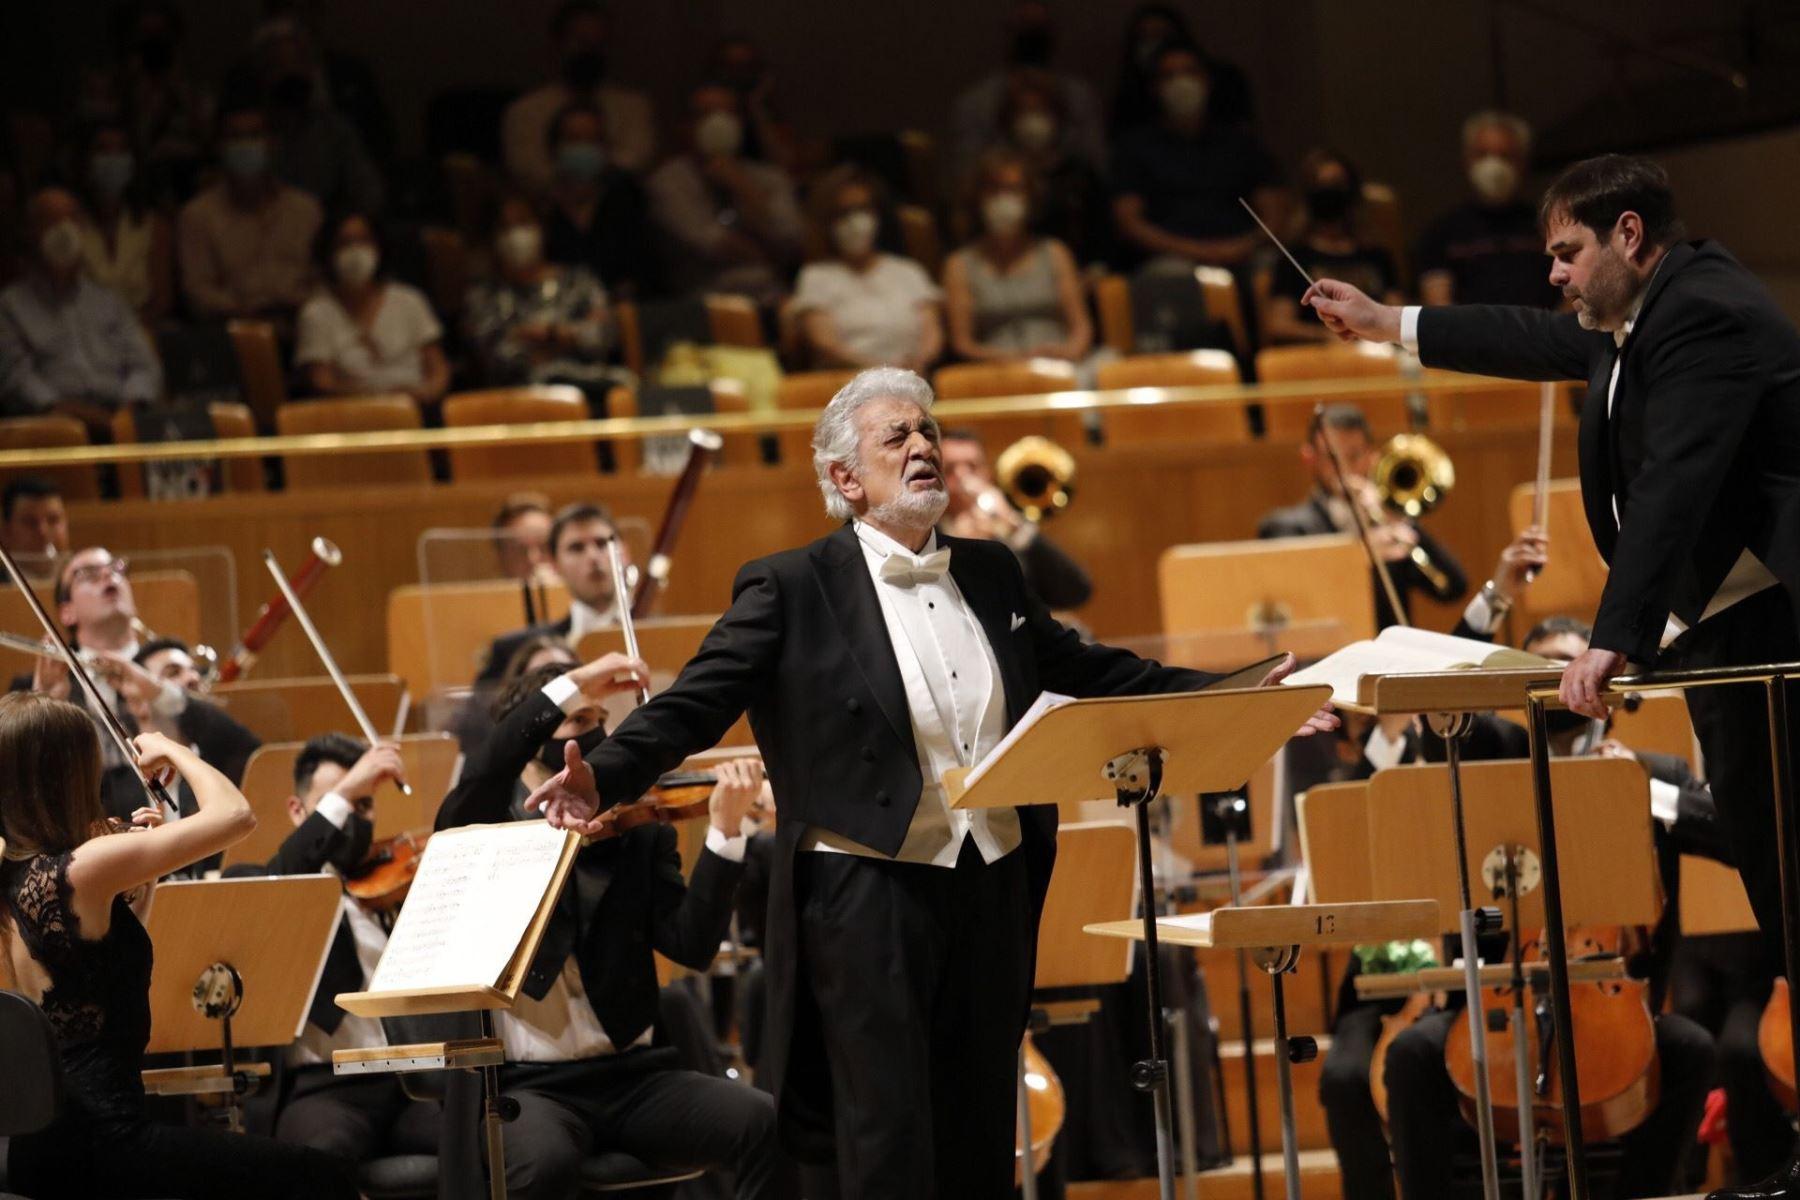 Con aplausos, vítores y parte de los asistentes en pie ha recibido el público de Madrid al tenor Plácido Domingo (c), visiblemente emocionado, en el concierto ofrecido este miércoles en el Auditorio Nacional, que ha supuesto su reaparición tras dos años alejado de los escenarios españoles. Foto: EFE